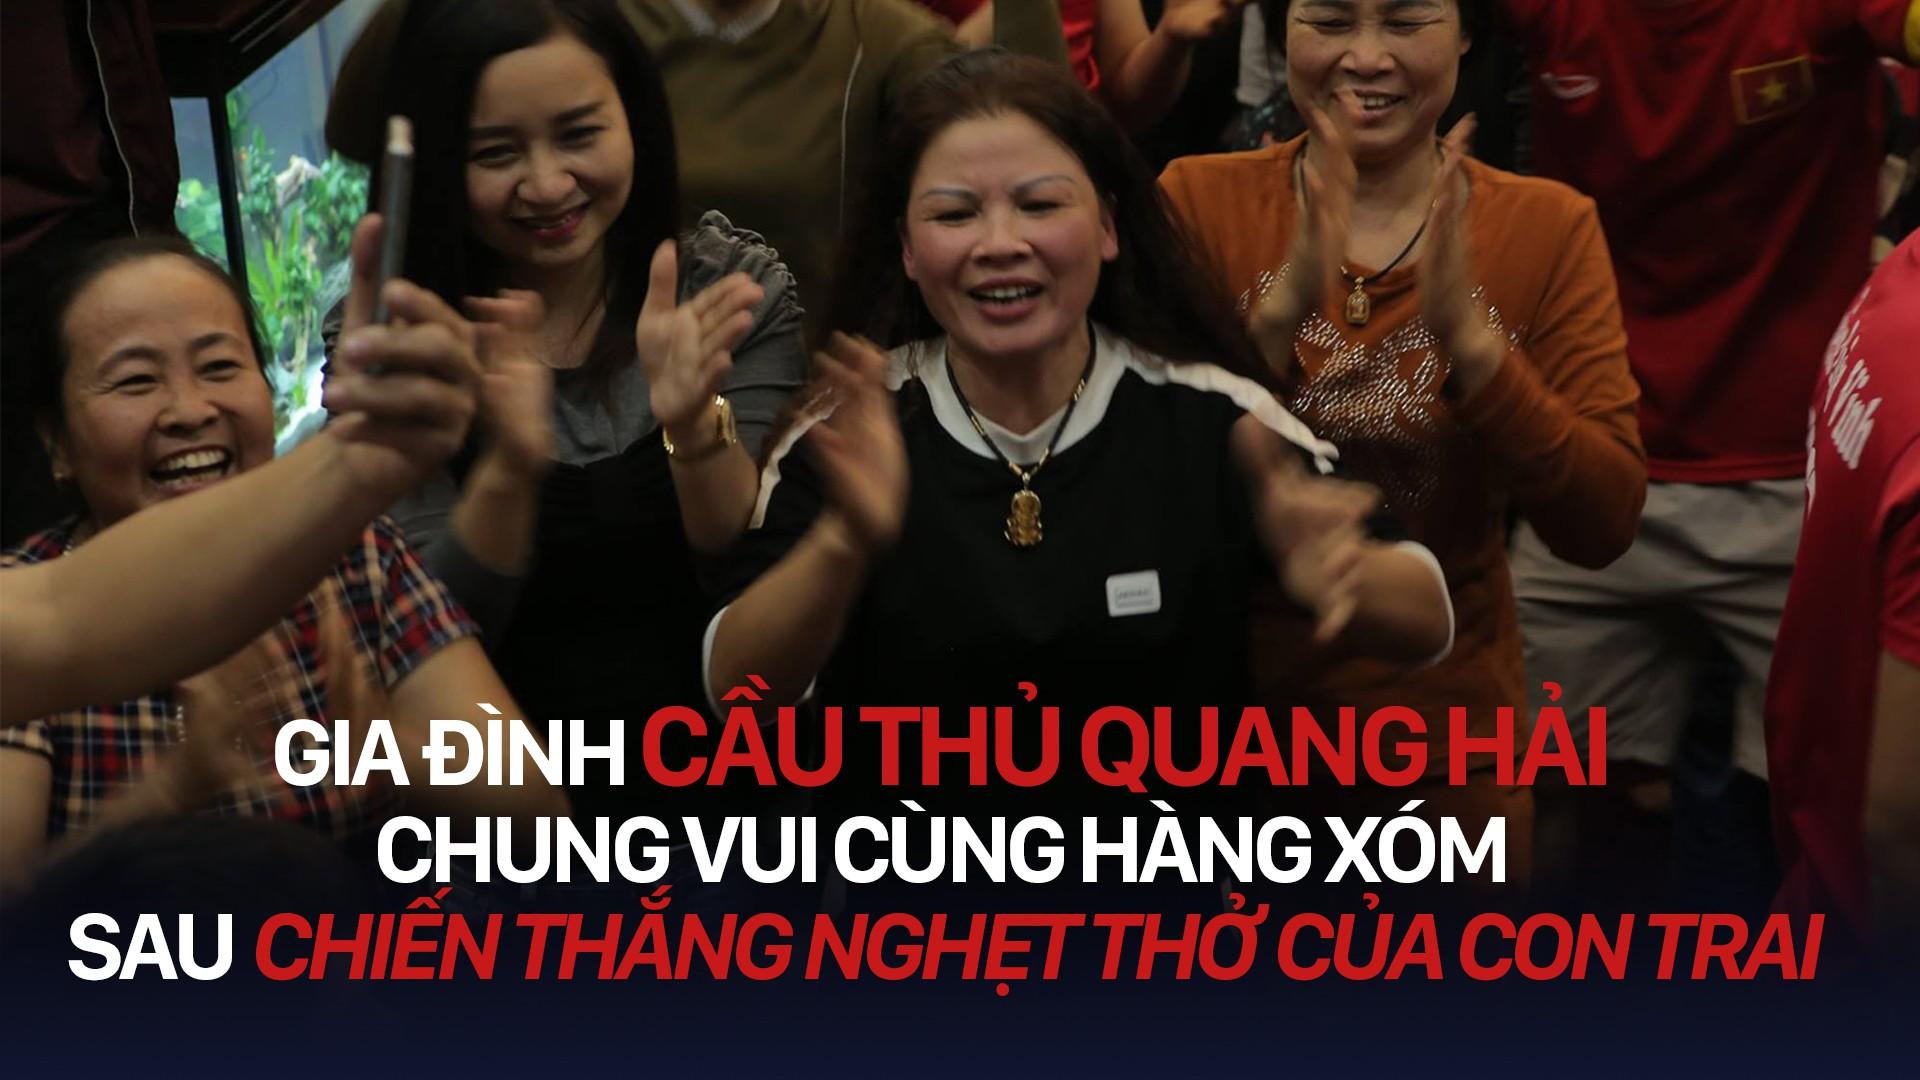 Gia đình cầu thủ Quang Hải chung vui cùng hàng xóm sau chiến thắng nghẹt thở của con trai cùng đồng đội